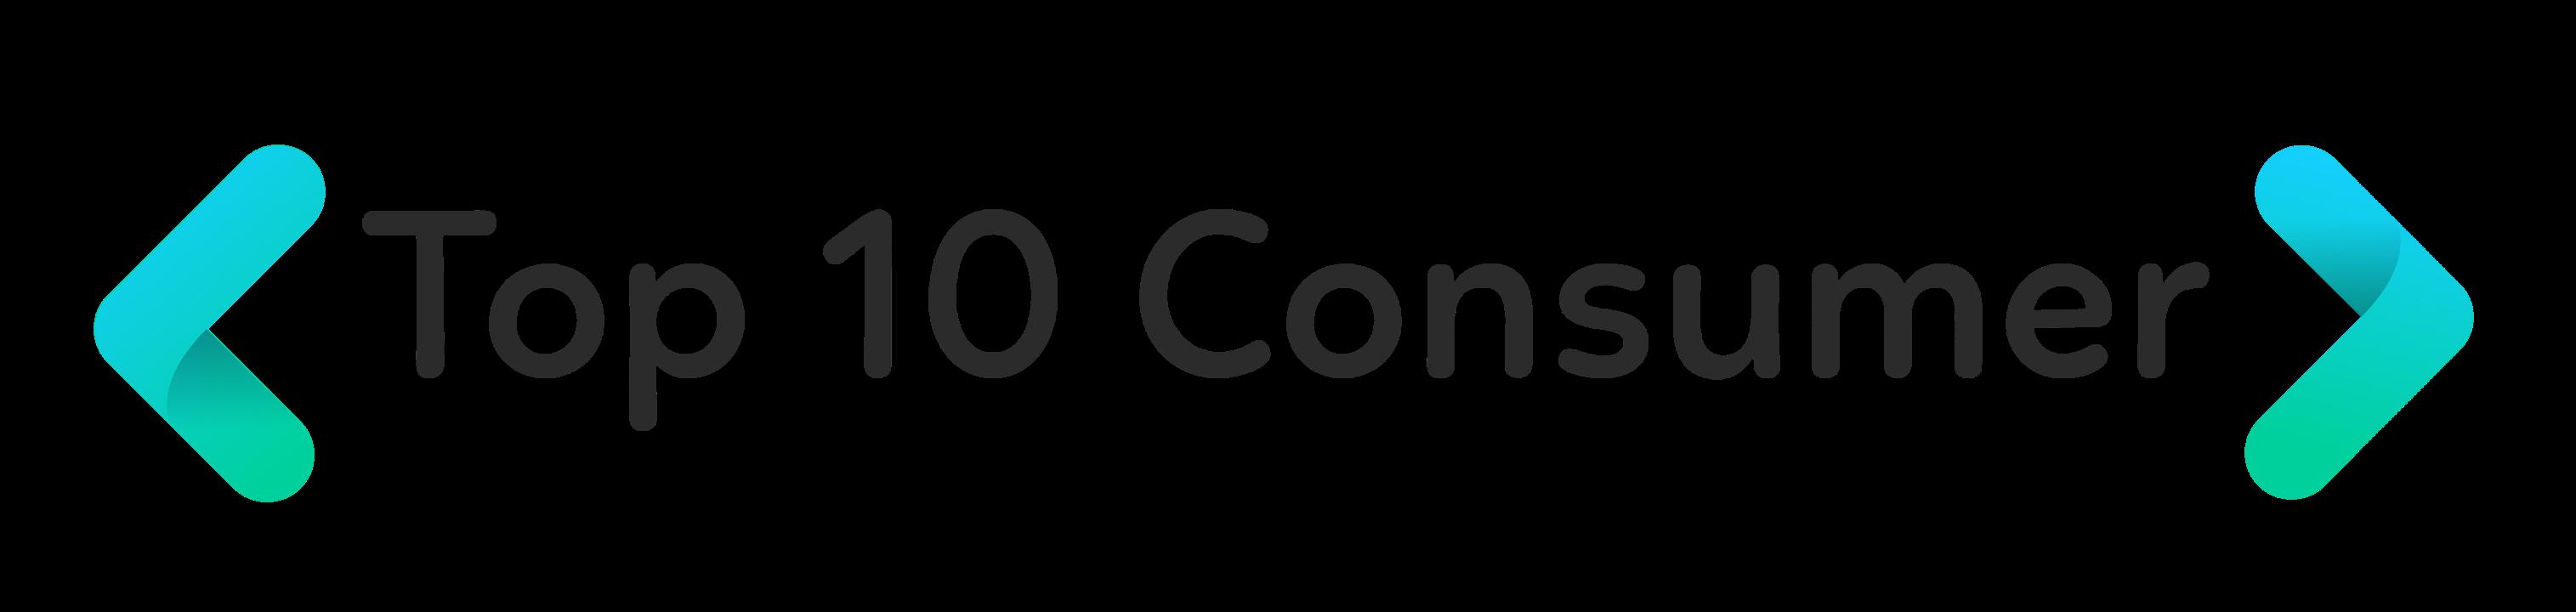 Top 10 Consumer